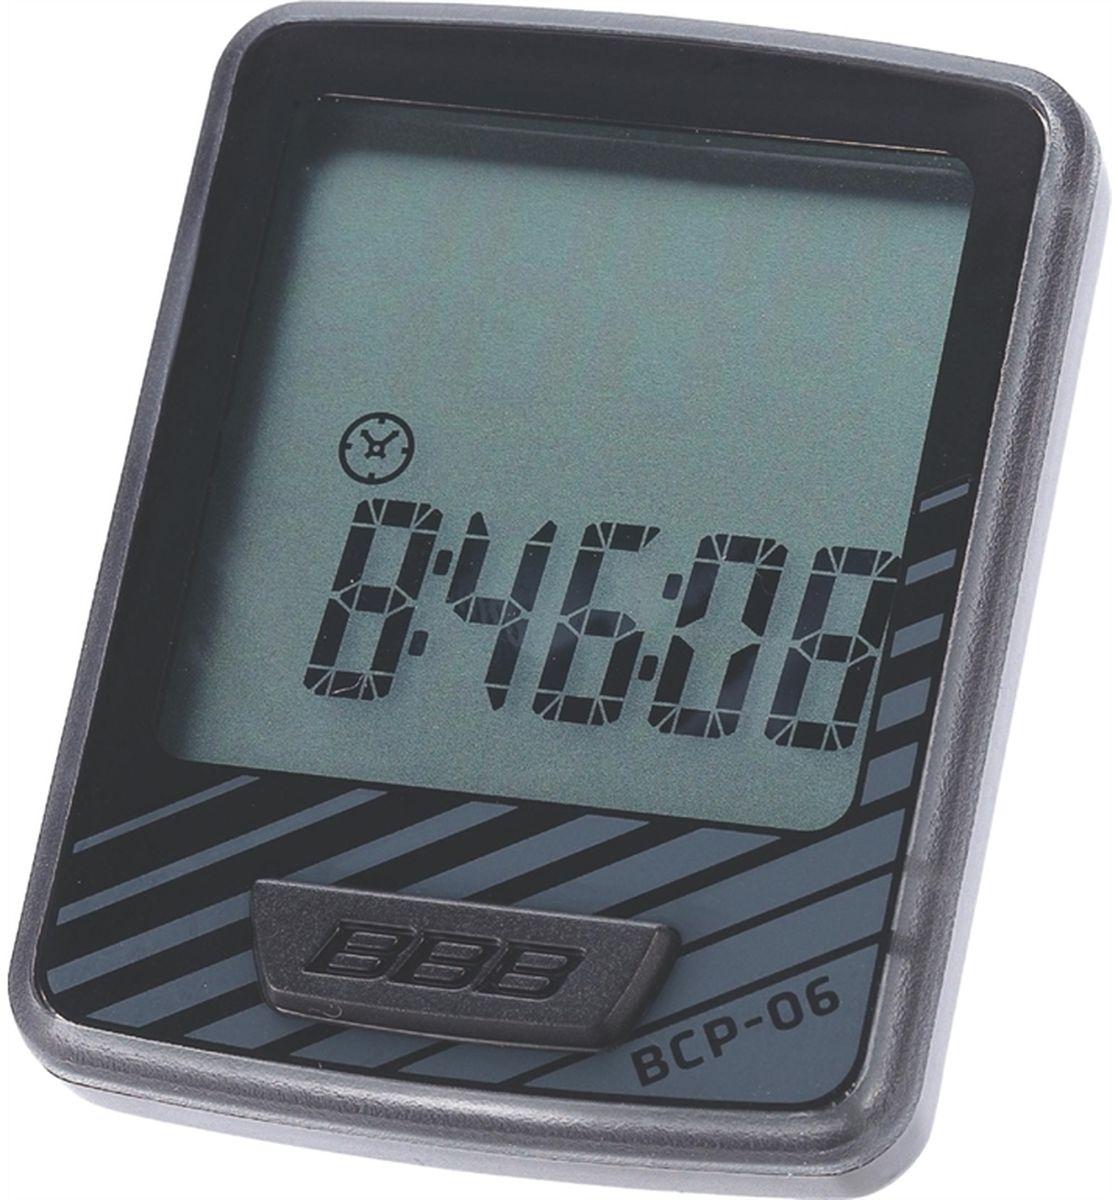 Велокомпьютер BBB DashBoard , цвет: черный, серый, 10 функцийBCP-06Велокомпьютер BBB DashBoard стал, в своем роде, образцом для подражания. Появившись как простой и небольшой велокомпьютер с большим и легкочитаемым экраном, он эволюционировал в любимый прибор велосипедистов, которым нужна простая в использовании вещь без тысячи лишних функций. Общий размер велокомпьютера имеет небольшой размер за счет верхней части корпуса. Размер экрана 32 х 32 мм, позволяющие легко считывать информацию. Управление одной кнопкой.Функции:Текущая скоростьРасстояние поездкиОдометрЧасыАвтоматический переход функцийСредняя скоростьМаксимальная скоростьВремя поездкиАвто старт/стопИндикатор низкого заряда батареи.Особенности:Легко читаемый полноразмерный дисплей.Удобное управление с помощью одной кнопки.Компьютер может быть установлен на руле и выносе.Водонепроницаемый корпус.Батарейка в комплекте.